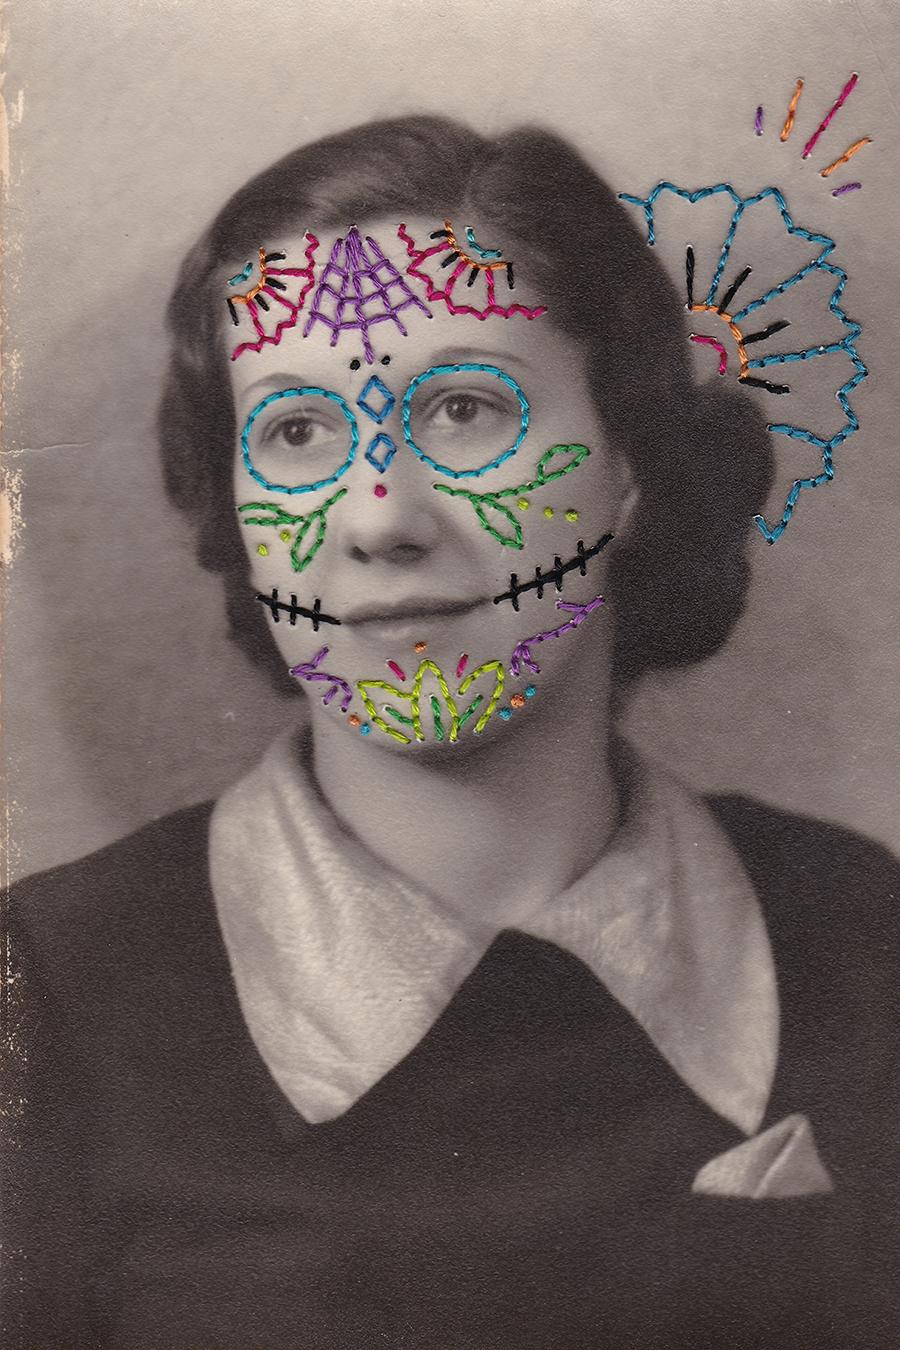 Sugar skull-inspired lady.